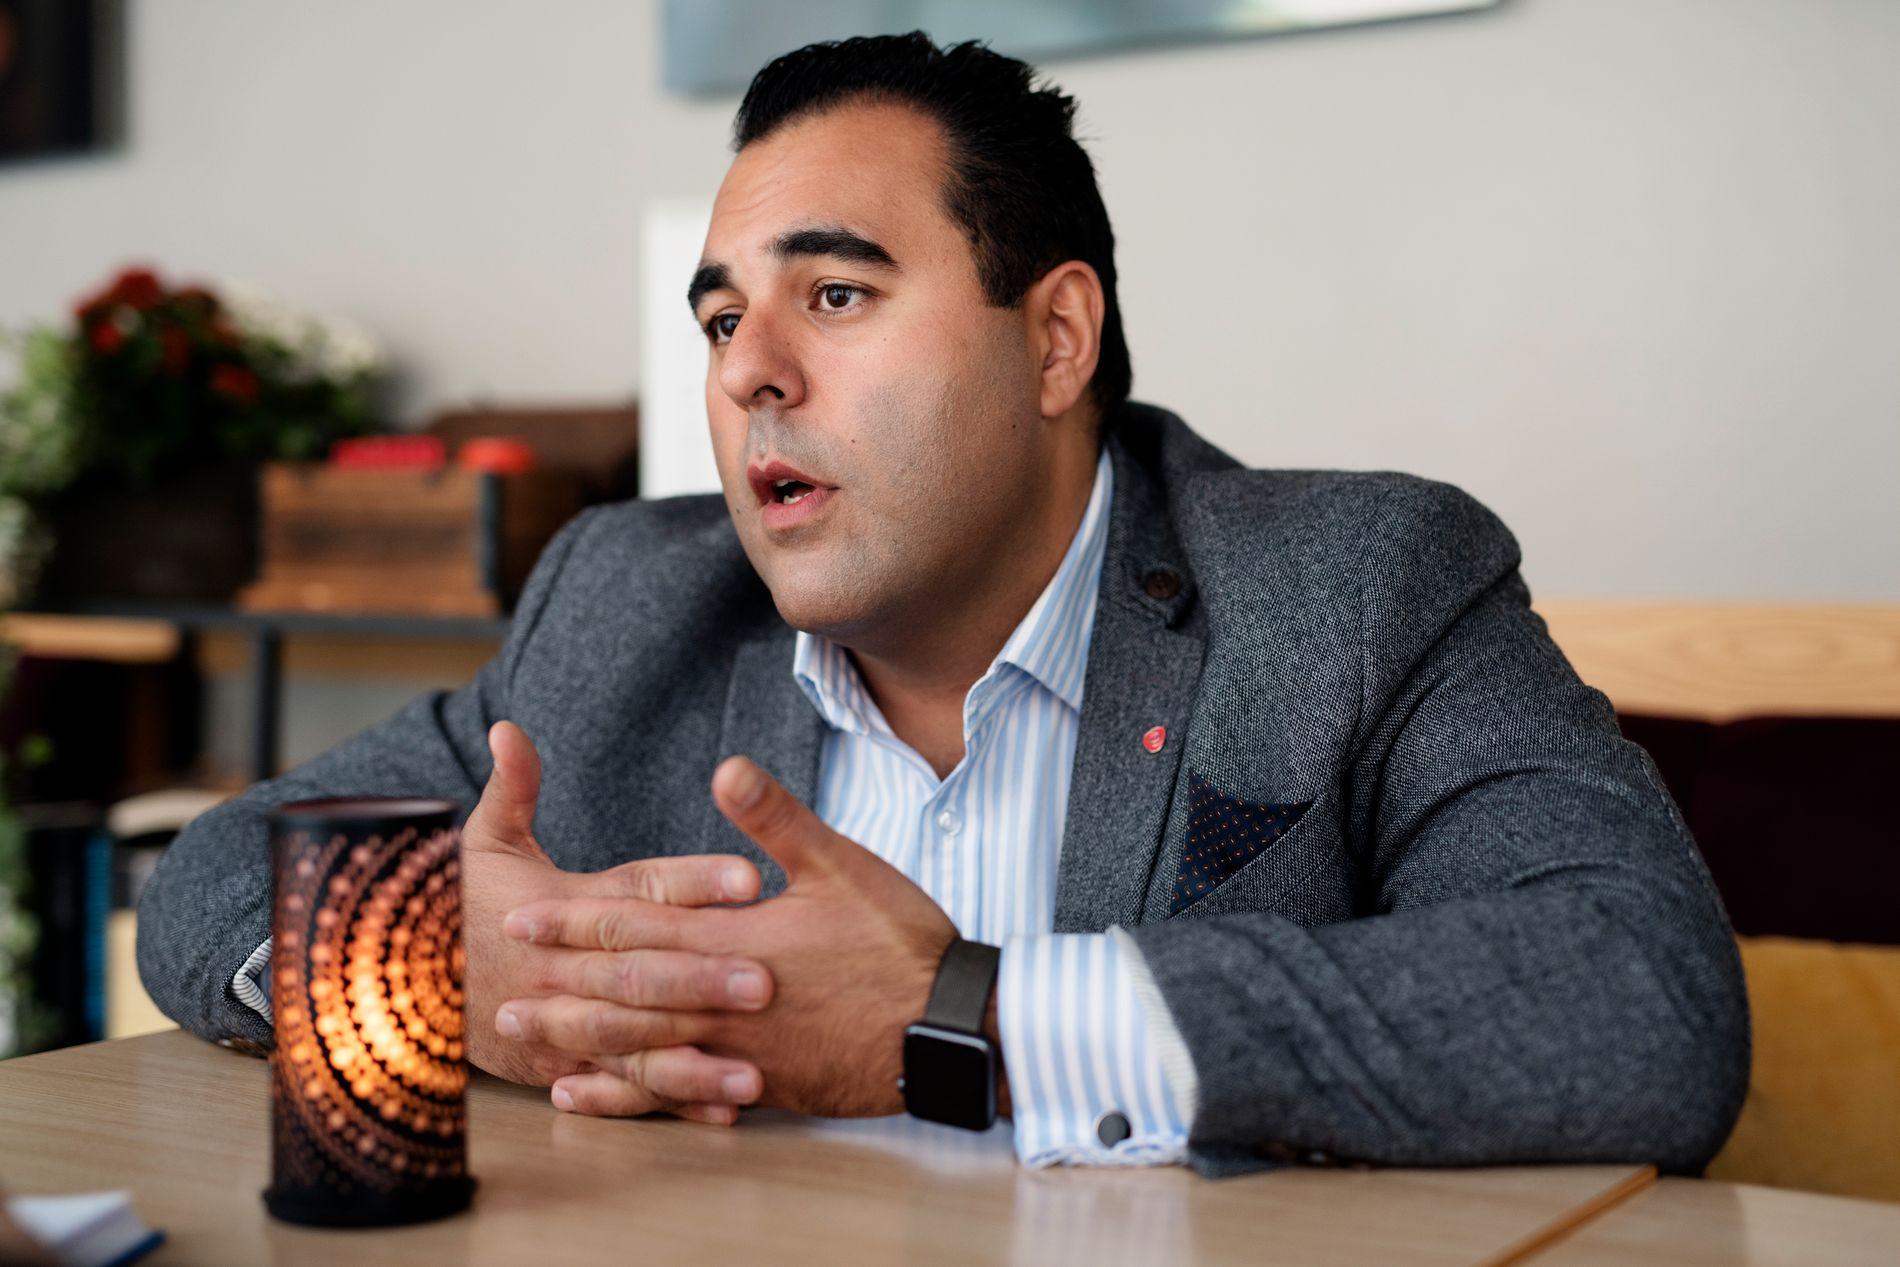 NY POLITIKK: – Omleggingen vi foreslår vil framfor alt gjøre politikken mer human, skriver Masud Gharahkhani.